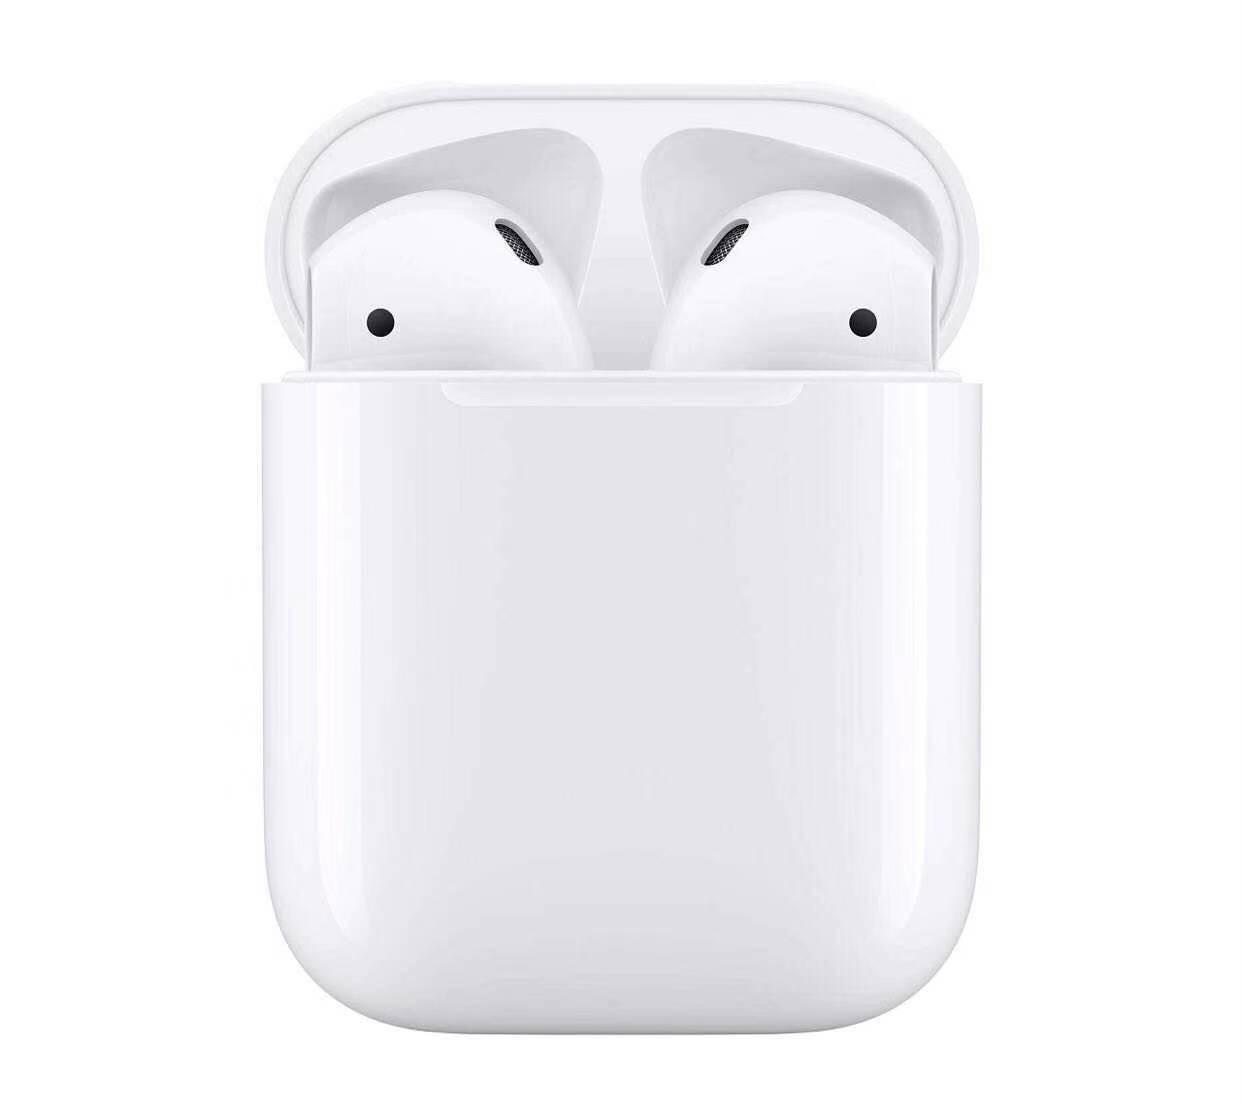 メーカー保証付き 送料無料 第2世代 APPLE Air Pods with Charging 新品 A Bluetooth対応 有線充電 MV7N2J お得クーポン発行中 Case 希望者のみラッピング無料 メーカー:APPLE